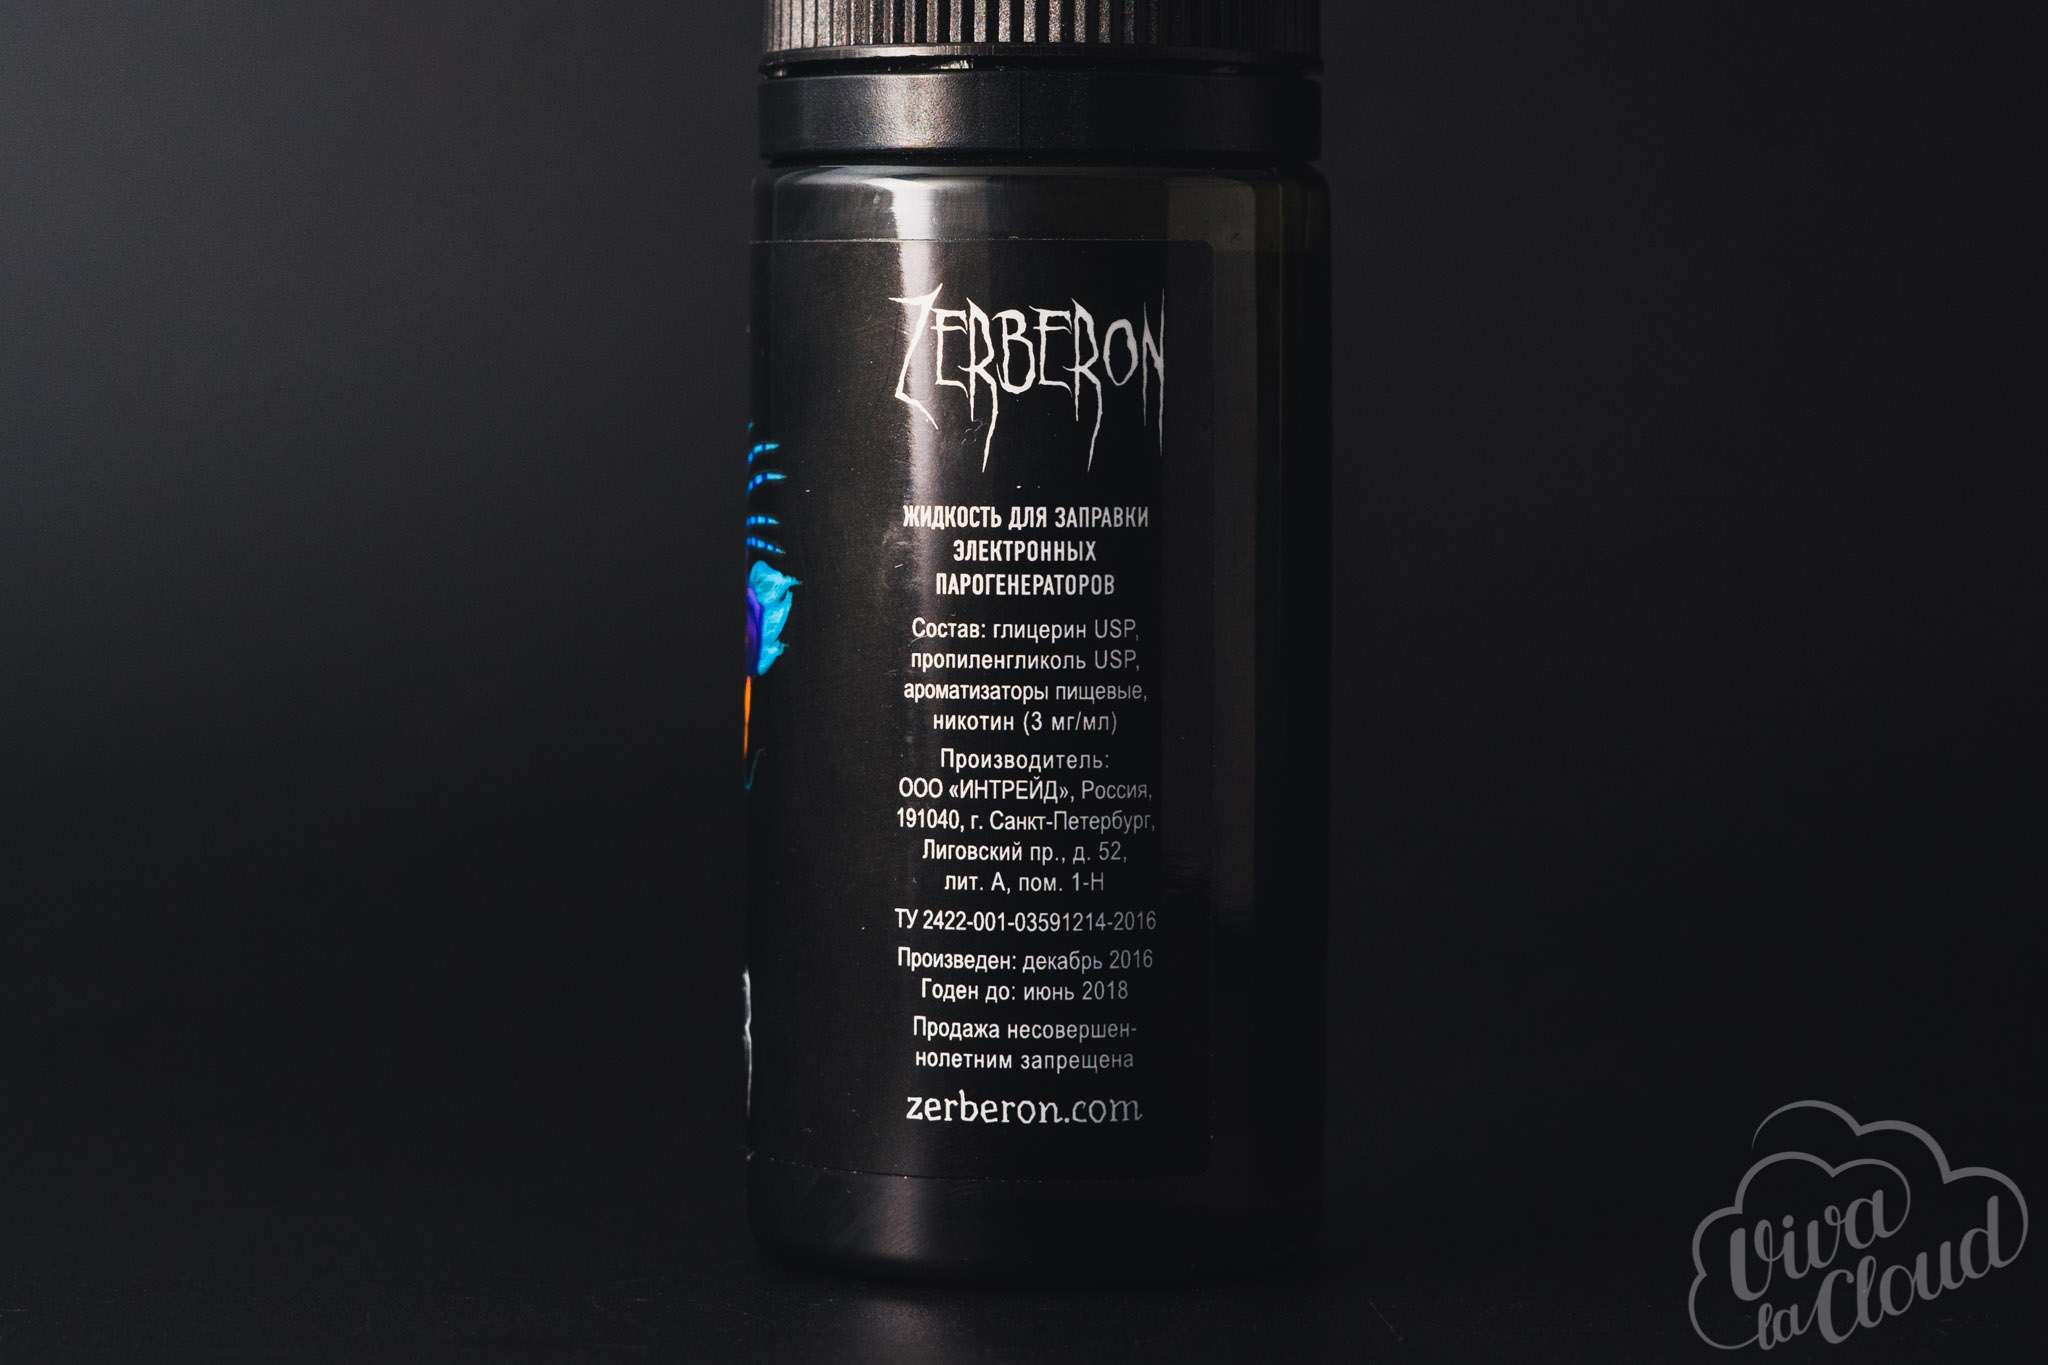 ZERBERON